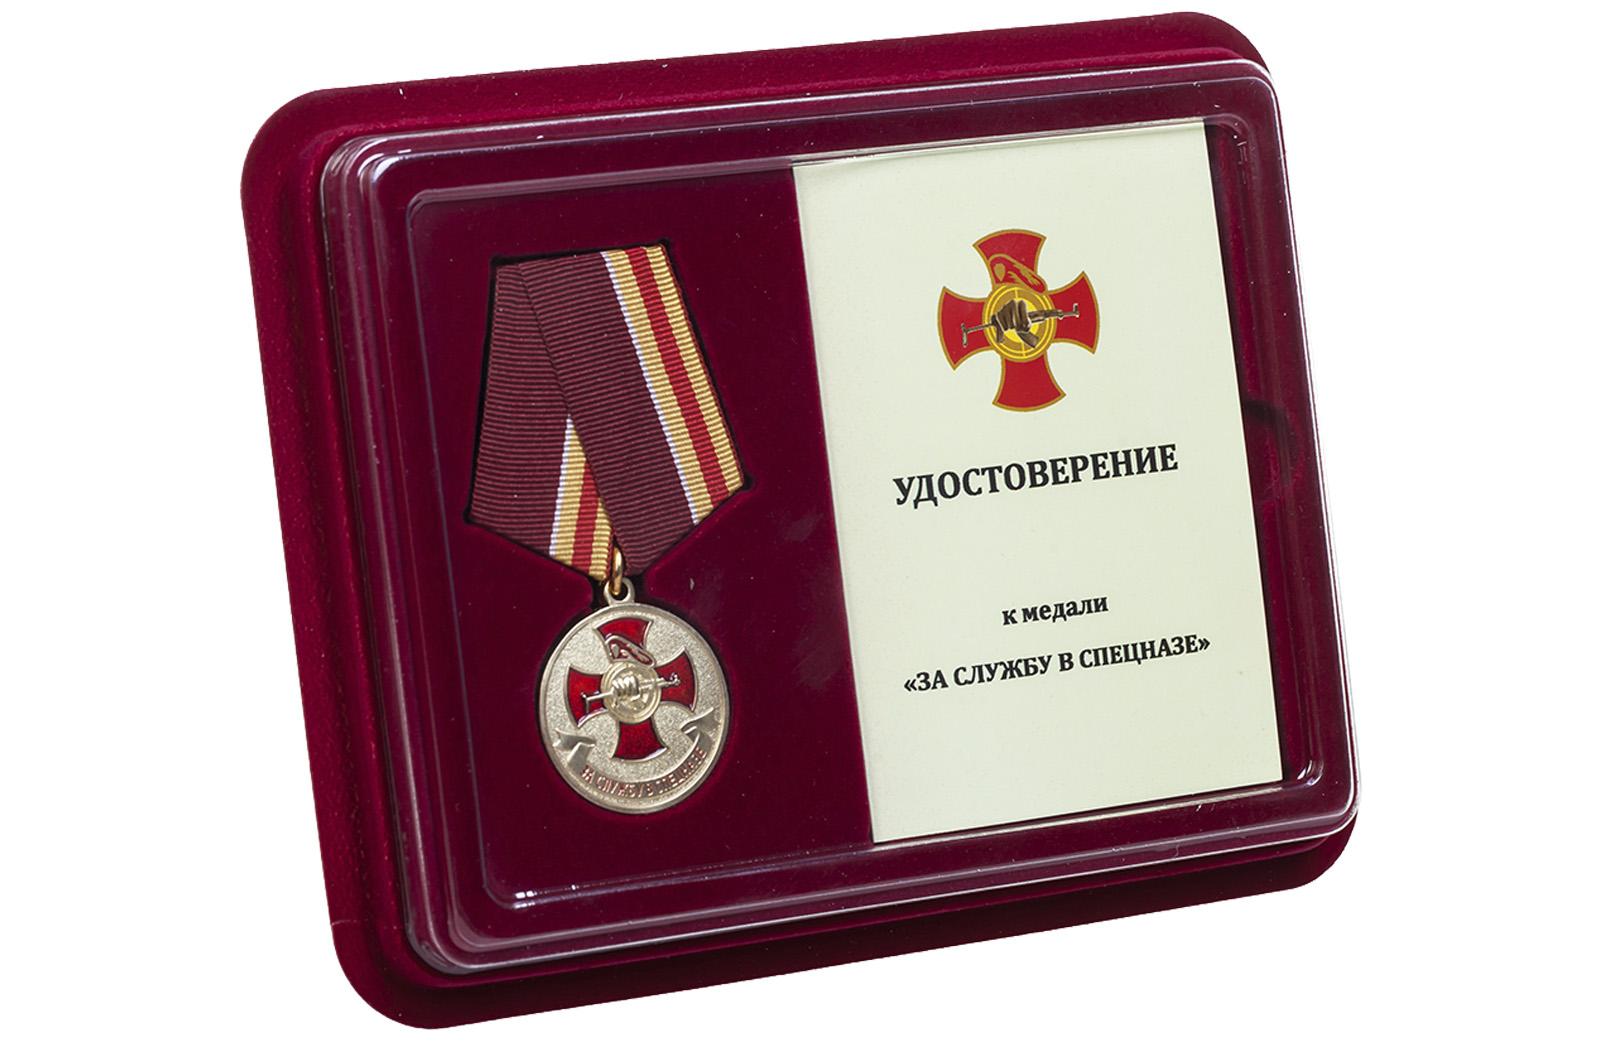 Медаль За службу в Спецназе в футляре с удостоверением